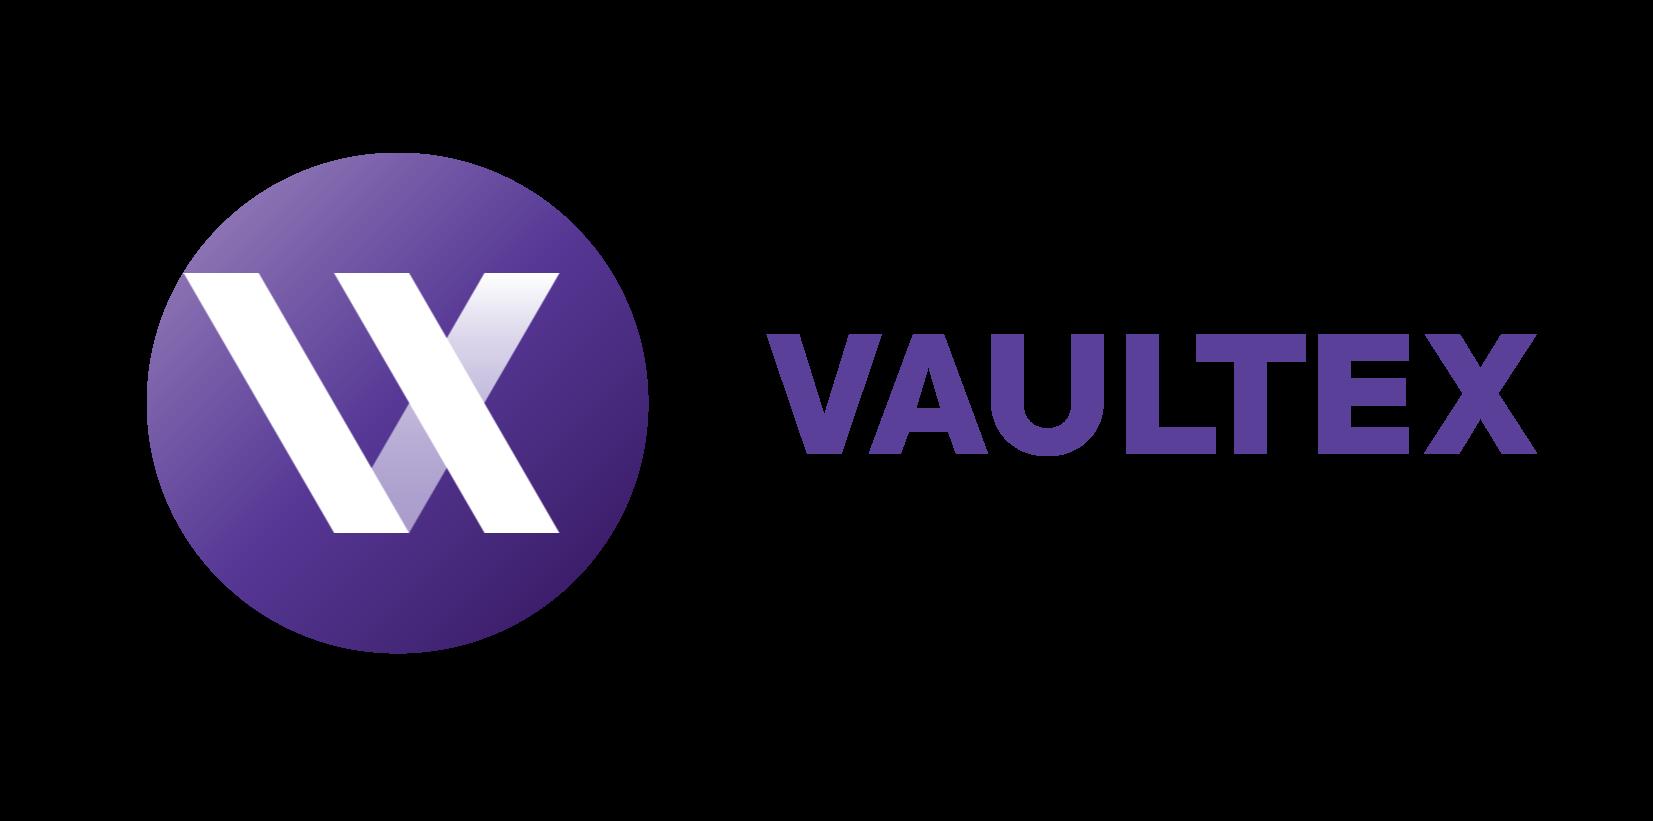 Vaultex